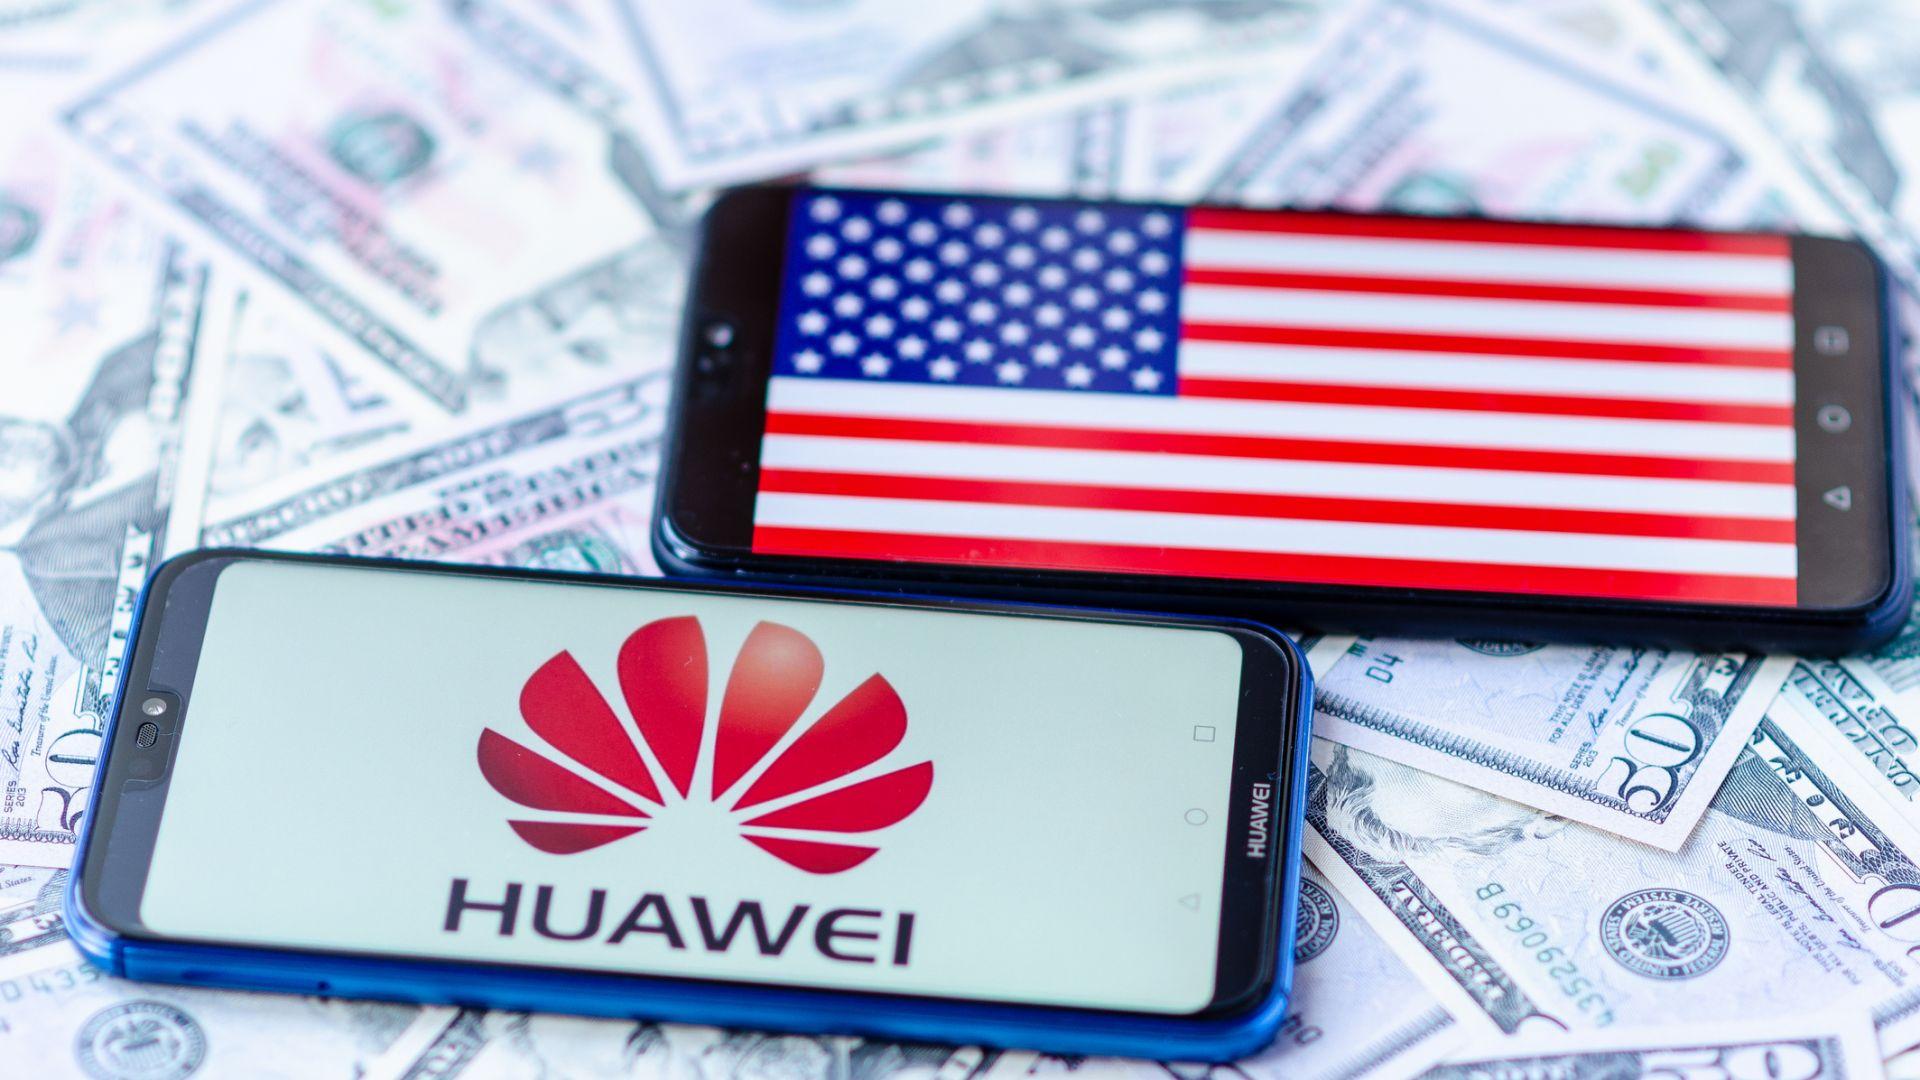 55 милиарда евро загуби, ако Huawei напусне Европа